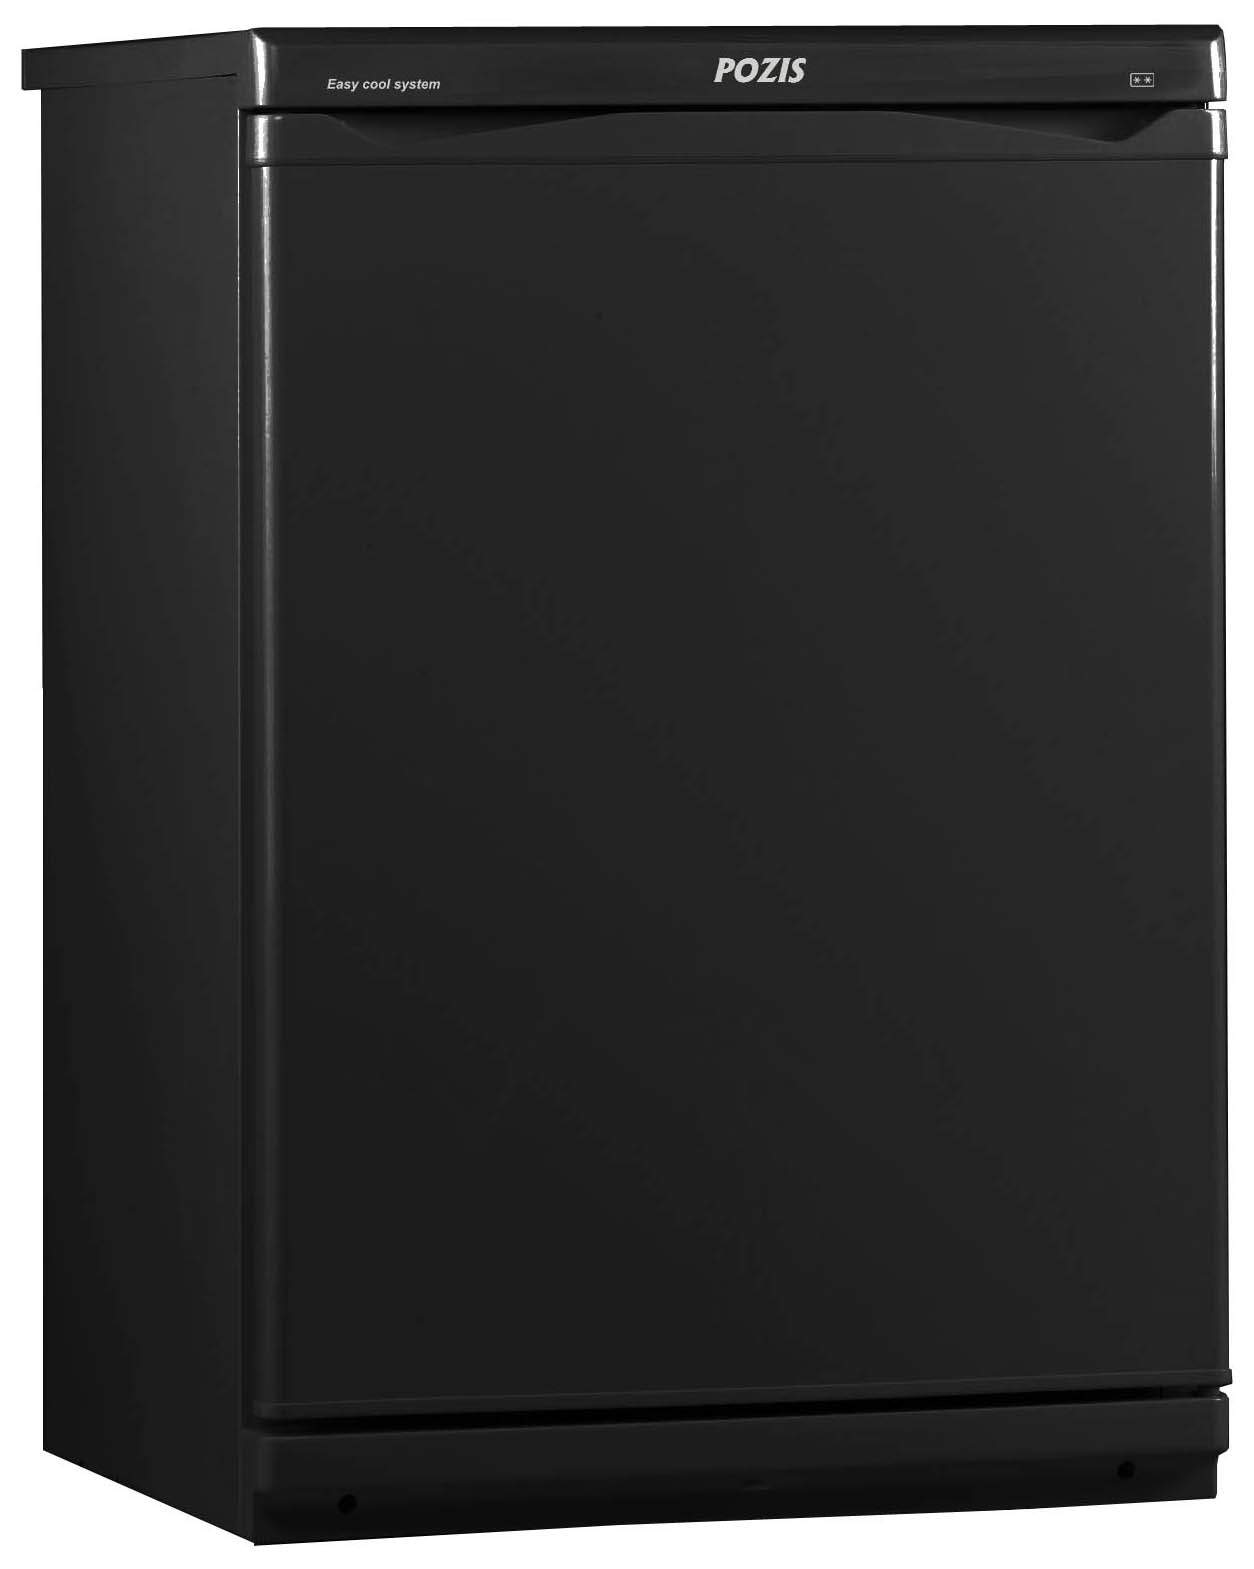 Топ 10 лучших холодильников до 15 000 рублей по отзывам покупателей